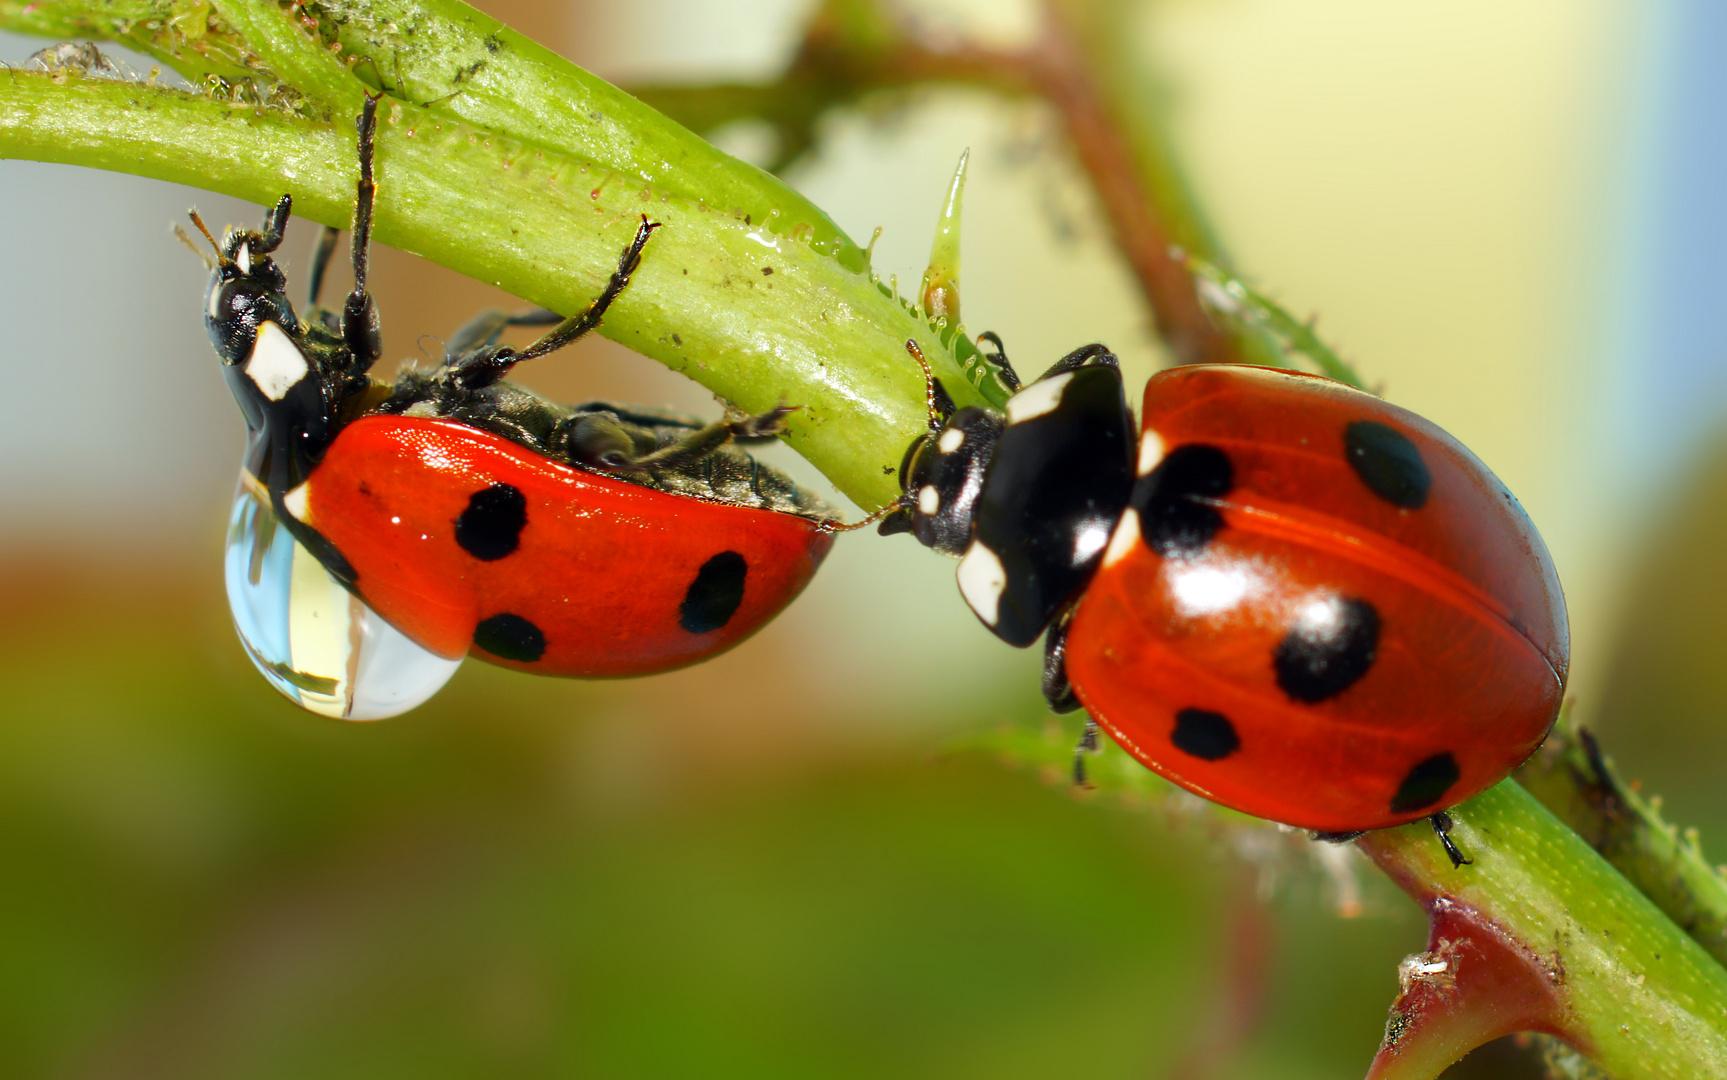 #appy beetles